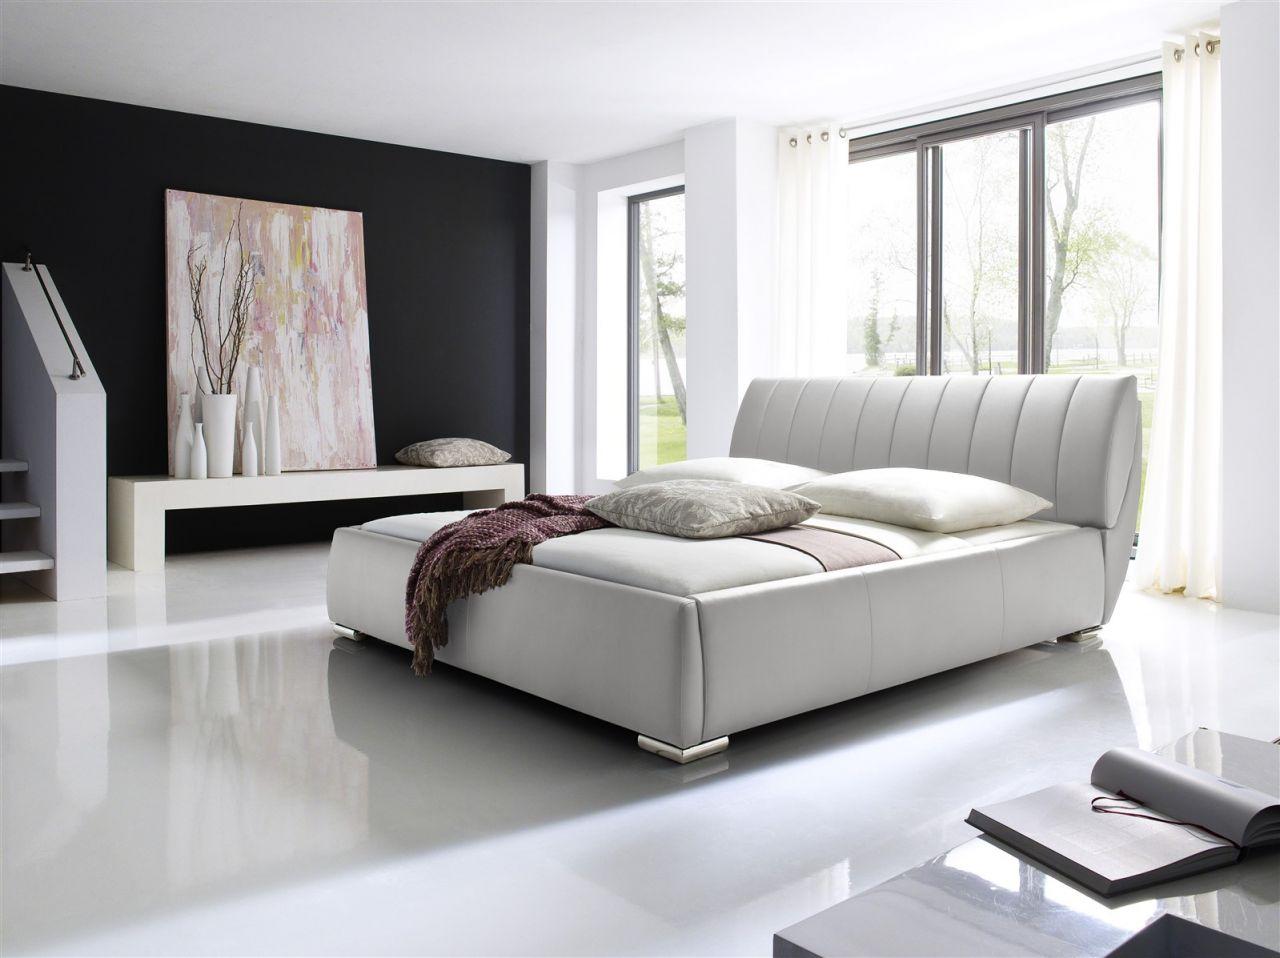 Inspirierend Bett Mit Bettkasten Weiß Galerie Von Polsterbett -wien - 180x200cm Inkl. Bettkasten+lattenroste Weiss